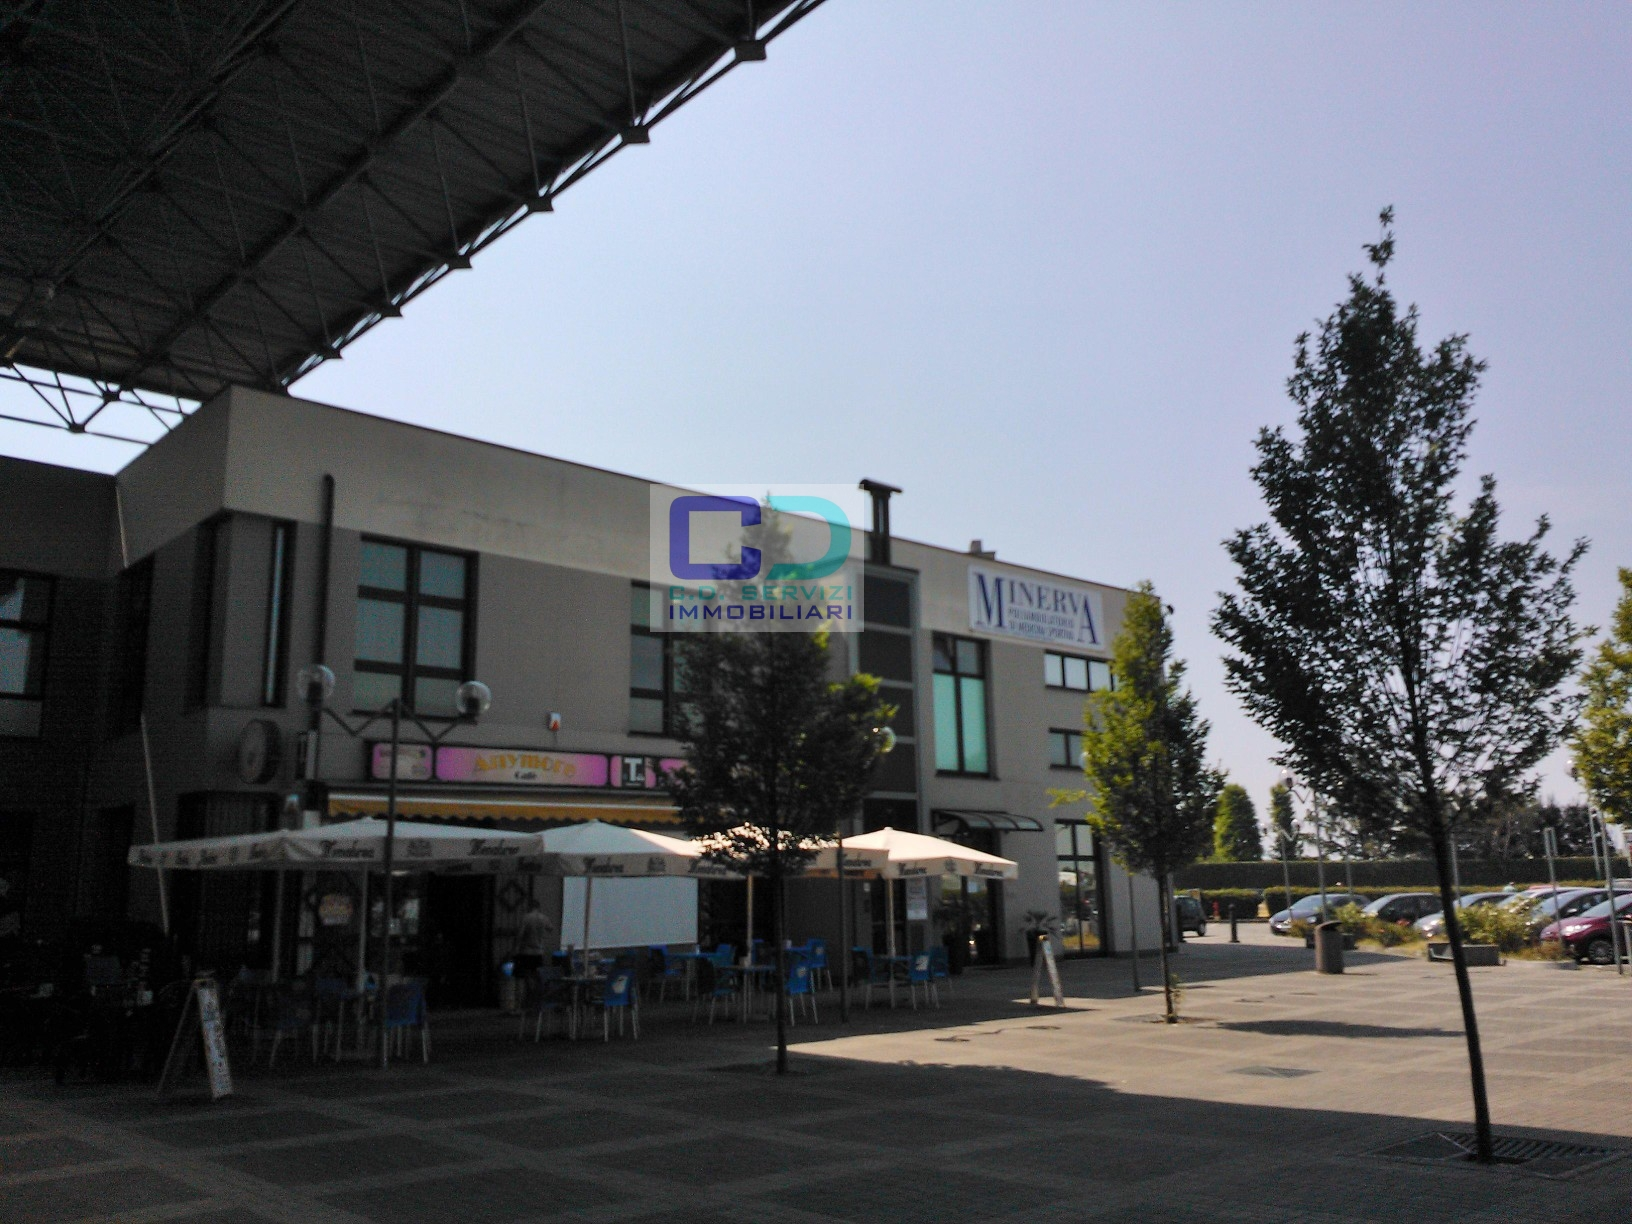 Negozio / Locale in affitto a Cassano d'Adda, 9999 locali, prezzo € 1.200   PortaleAgenzieImmobiliari.it